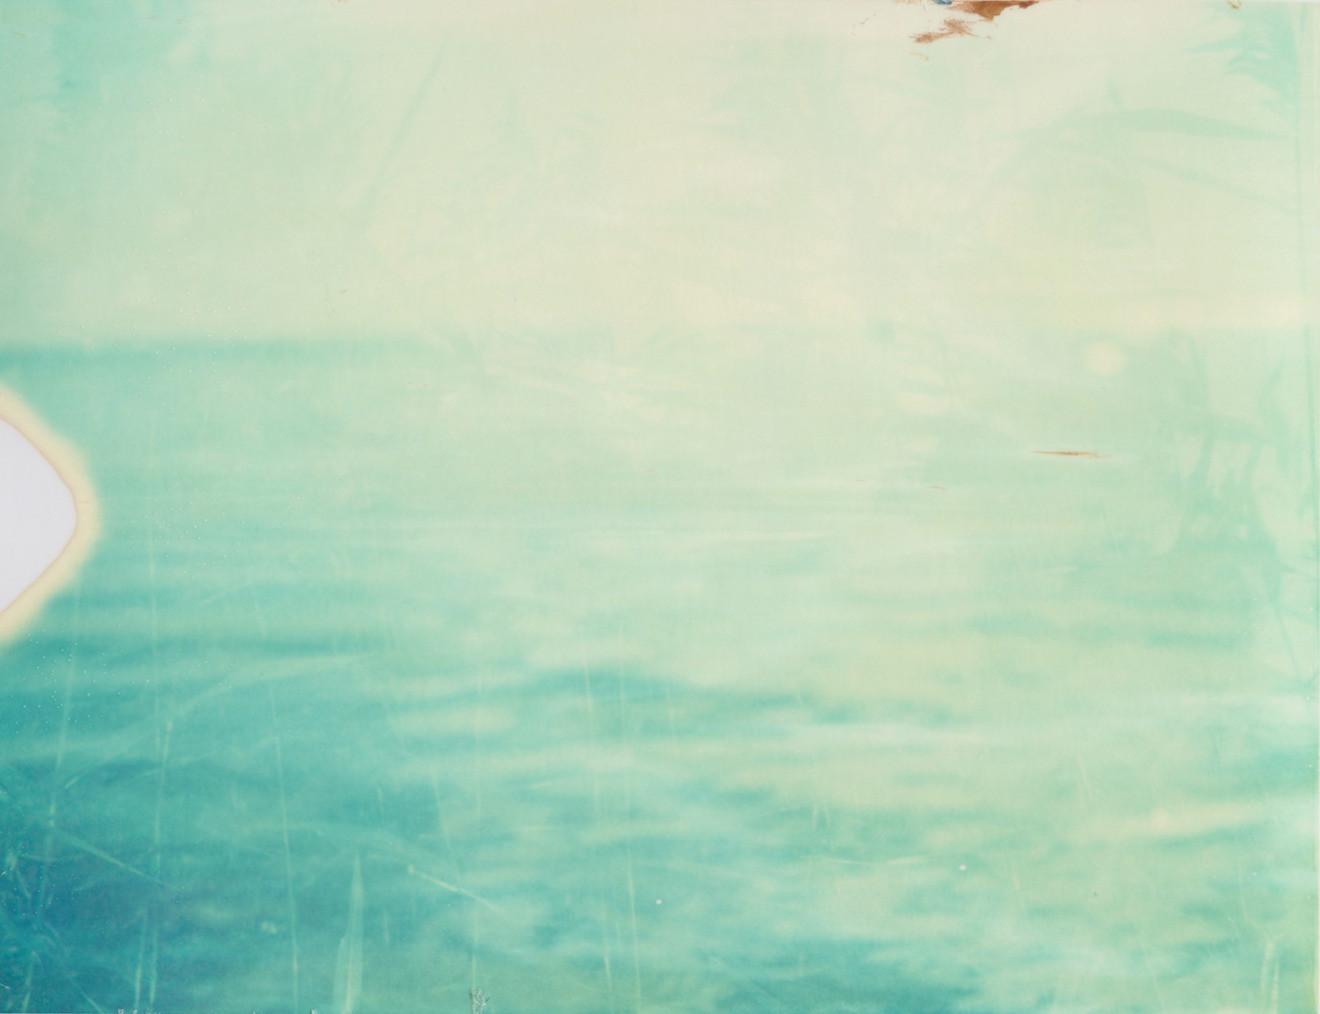 dream-in-water_edited.jpg